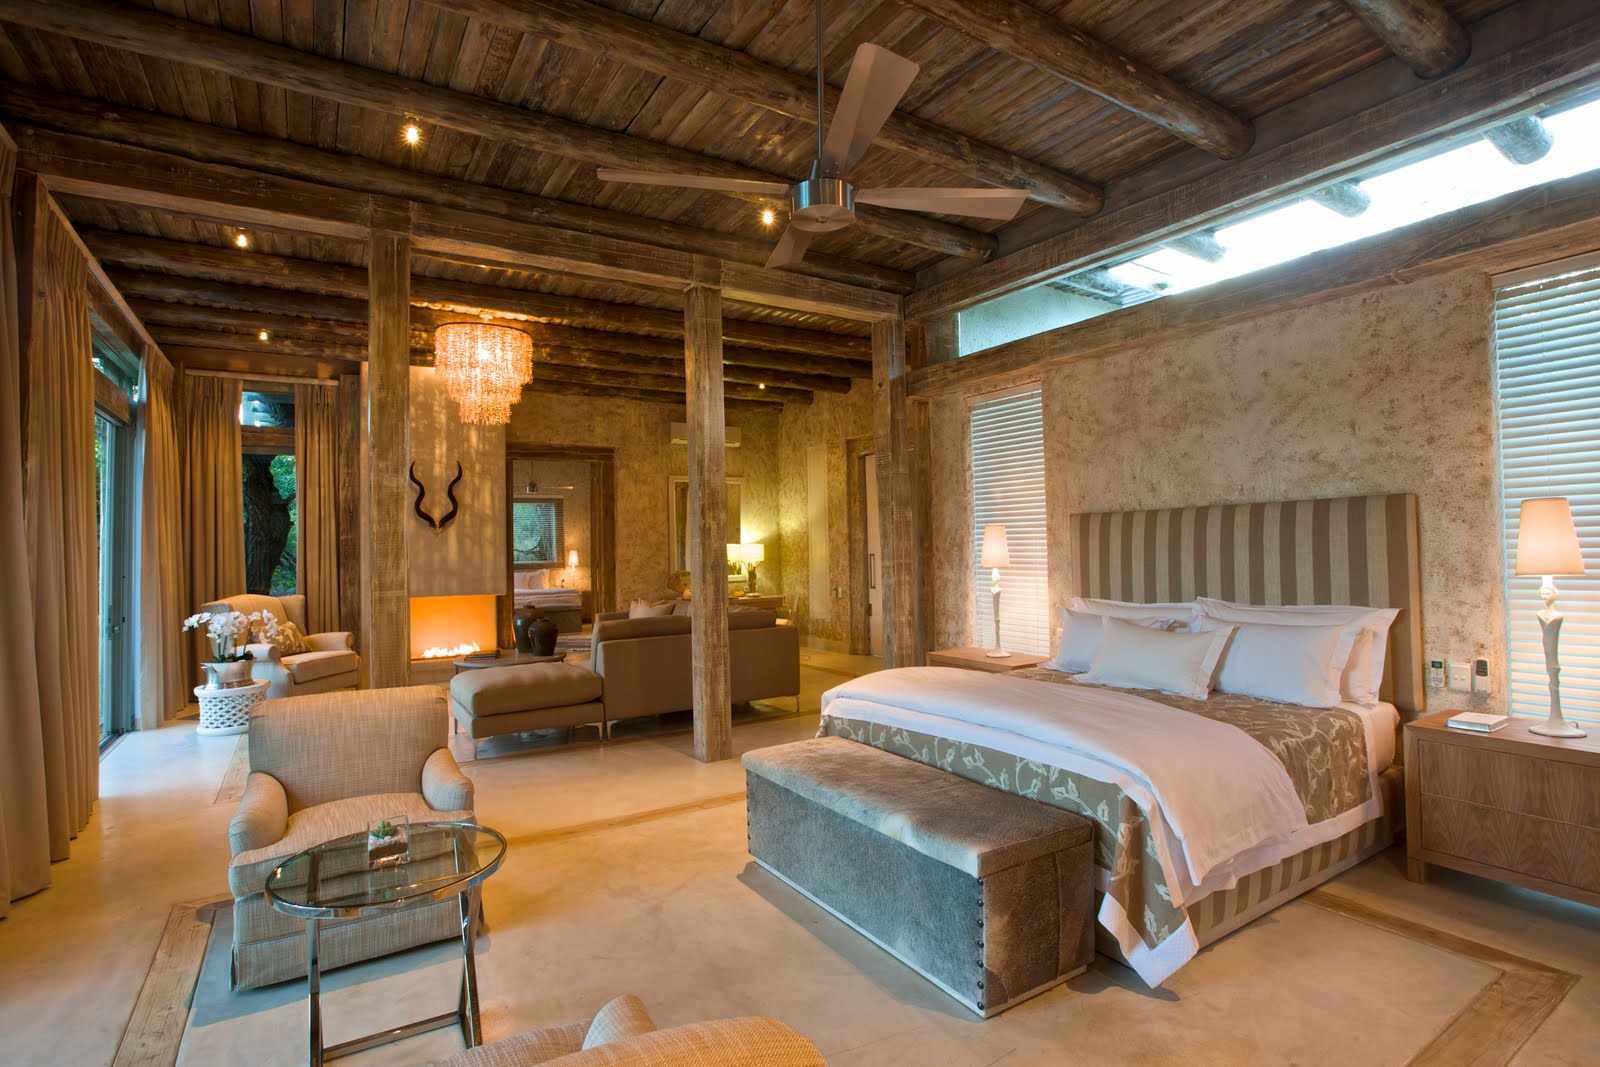 Потолок из дерева в интерьере в африканском стиле